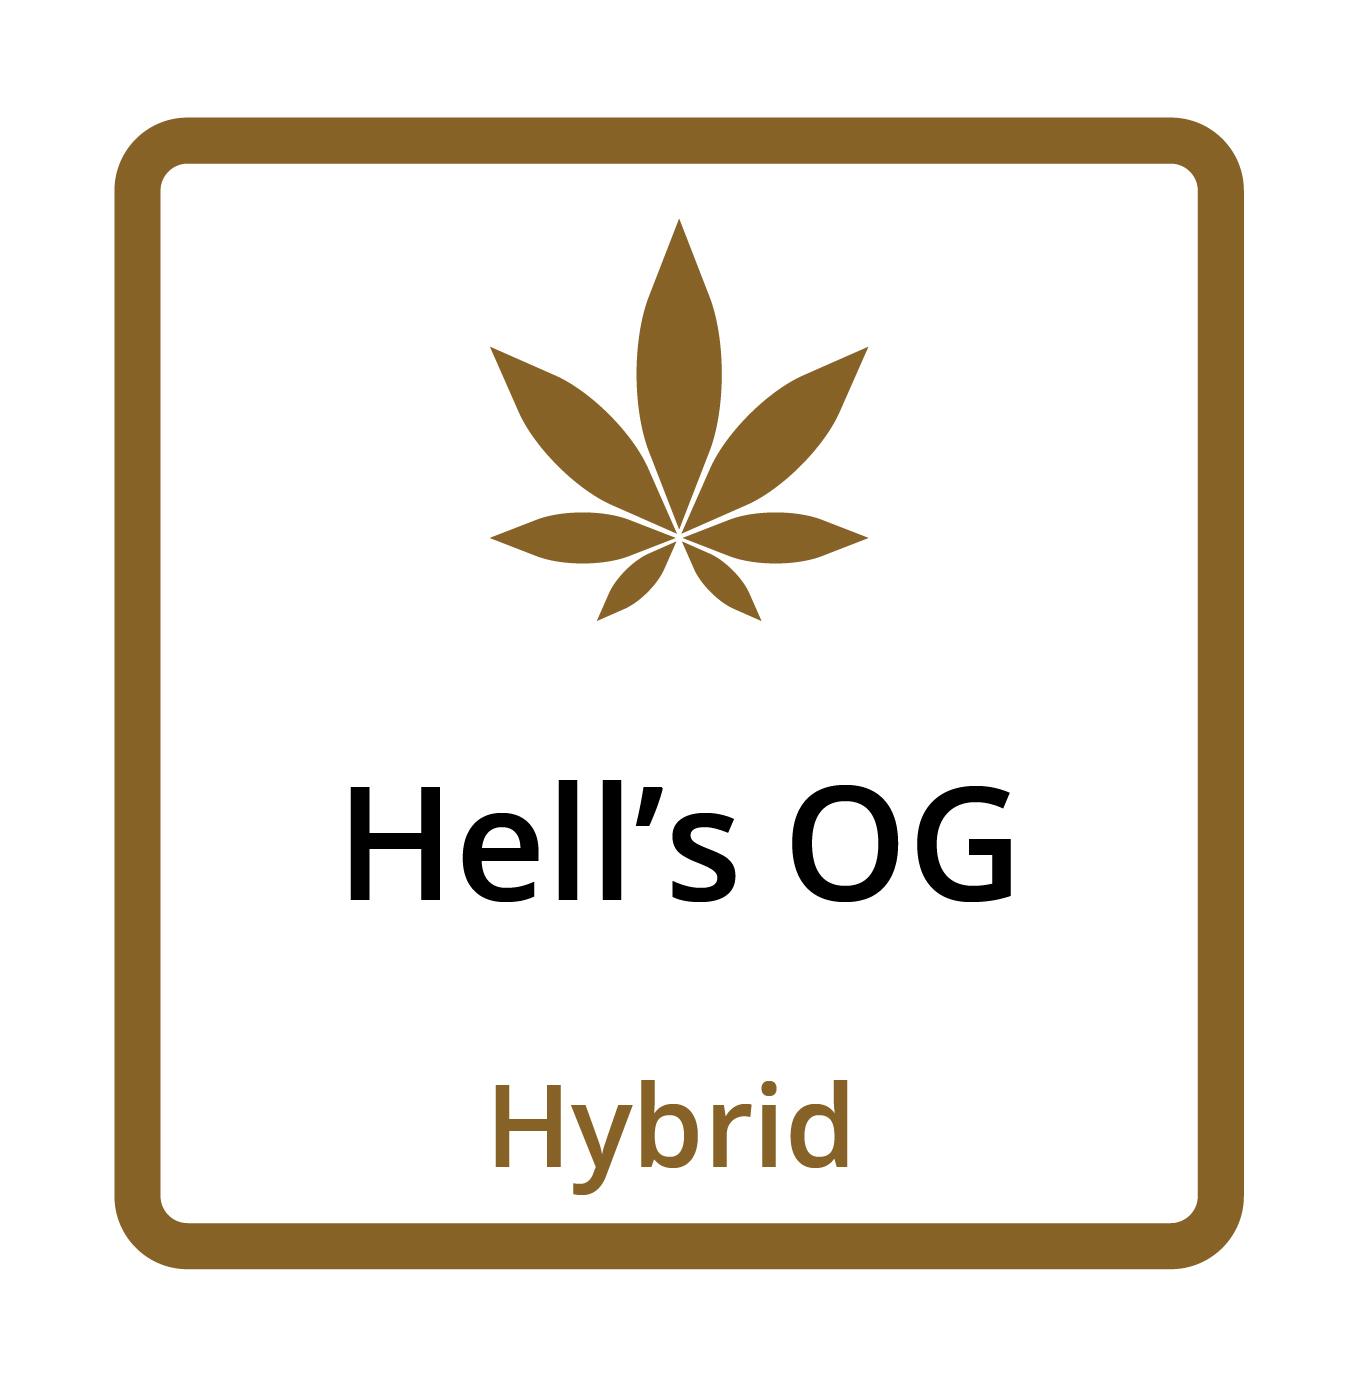 Hell's OG (Hybrid)